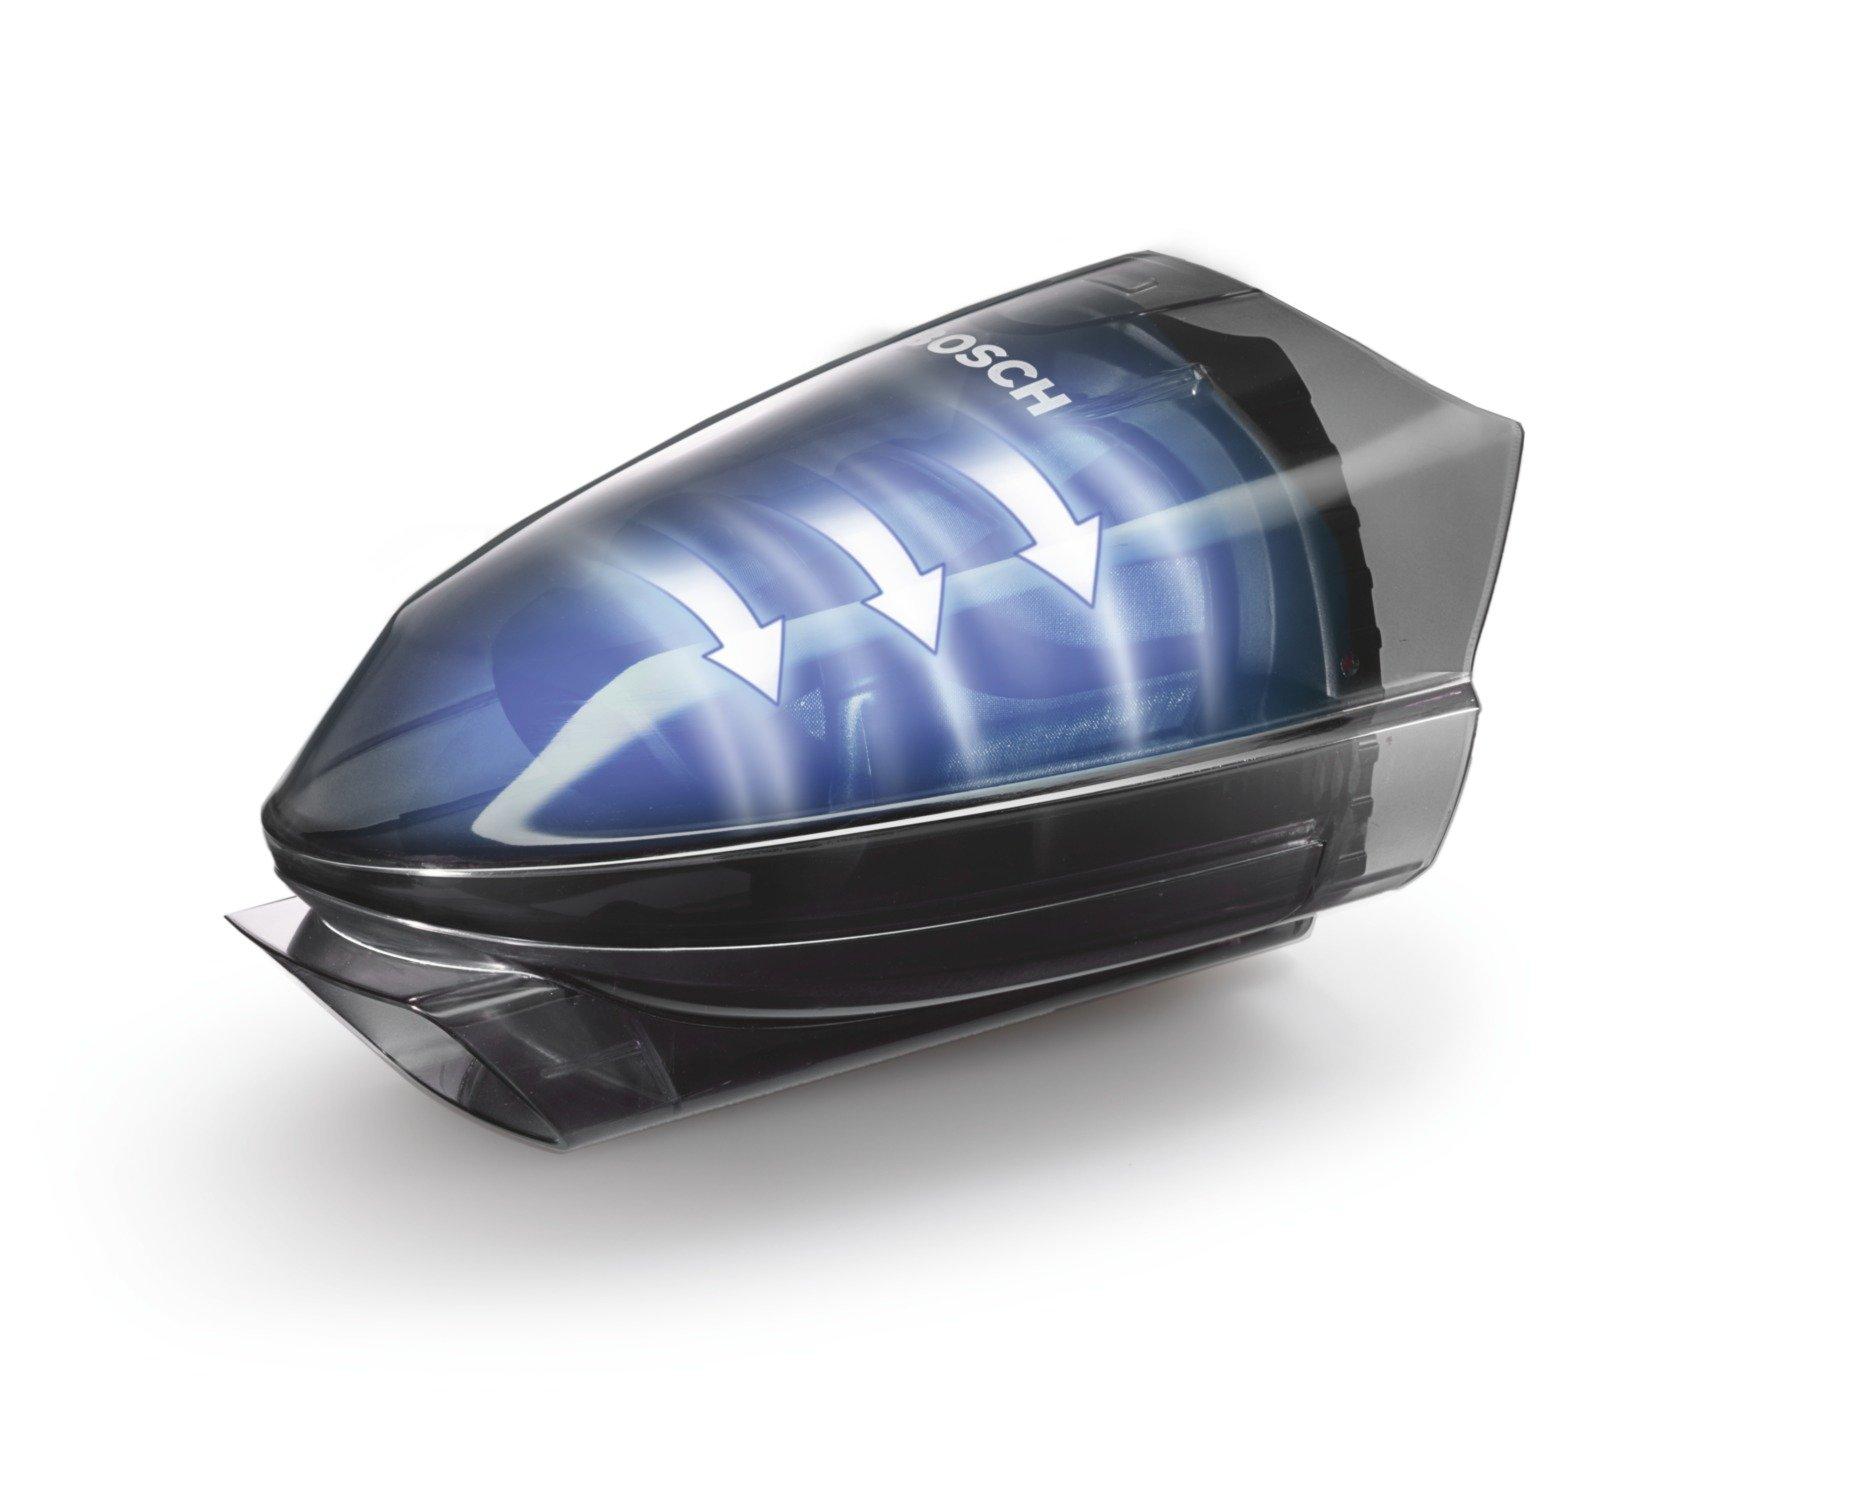 Bosch Move 20.4V Kabelloser Handstaubsauger BHN20110, schnelle Reinigung, hohe Reinigungsleistung, flexibel einsetzbar…